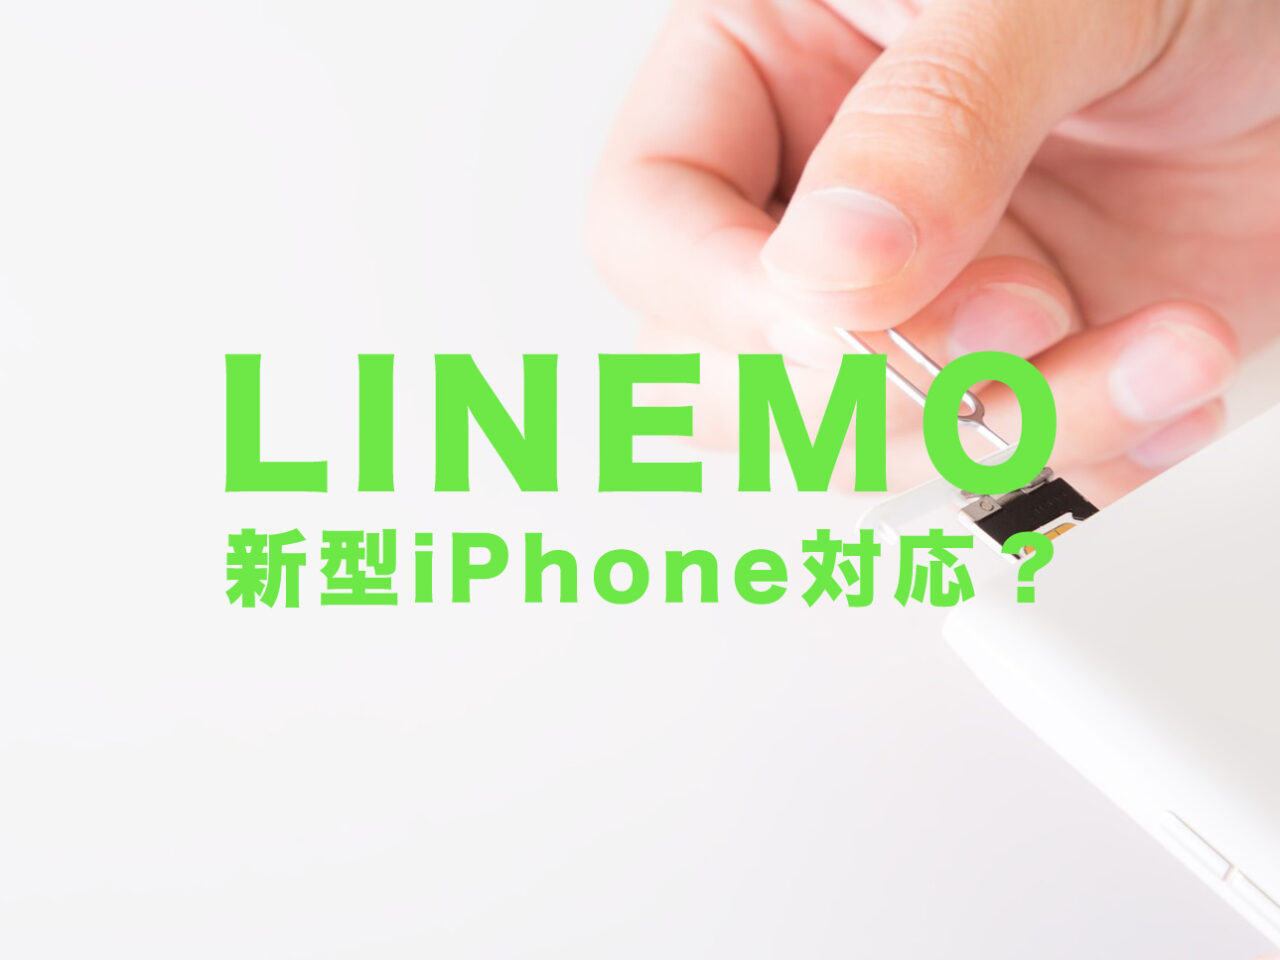 LINEMO(ラインモ)でiPhone13は使える?【アイフォン13対応状況】のサムネイル画像